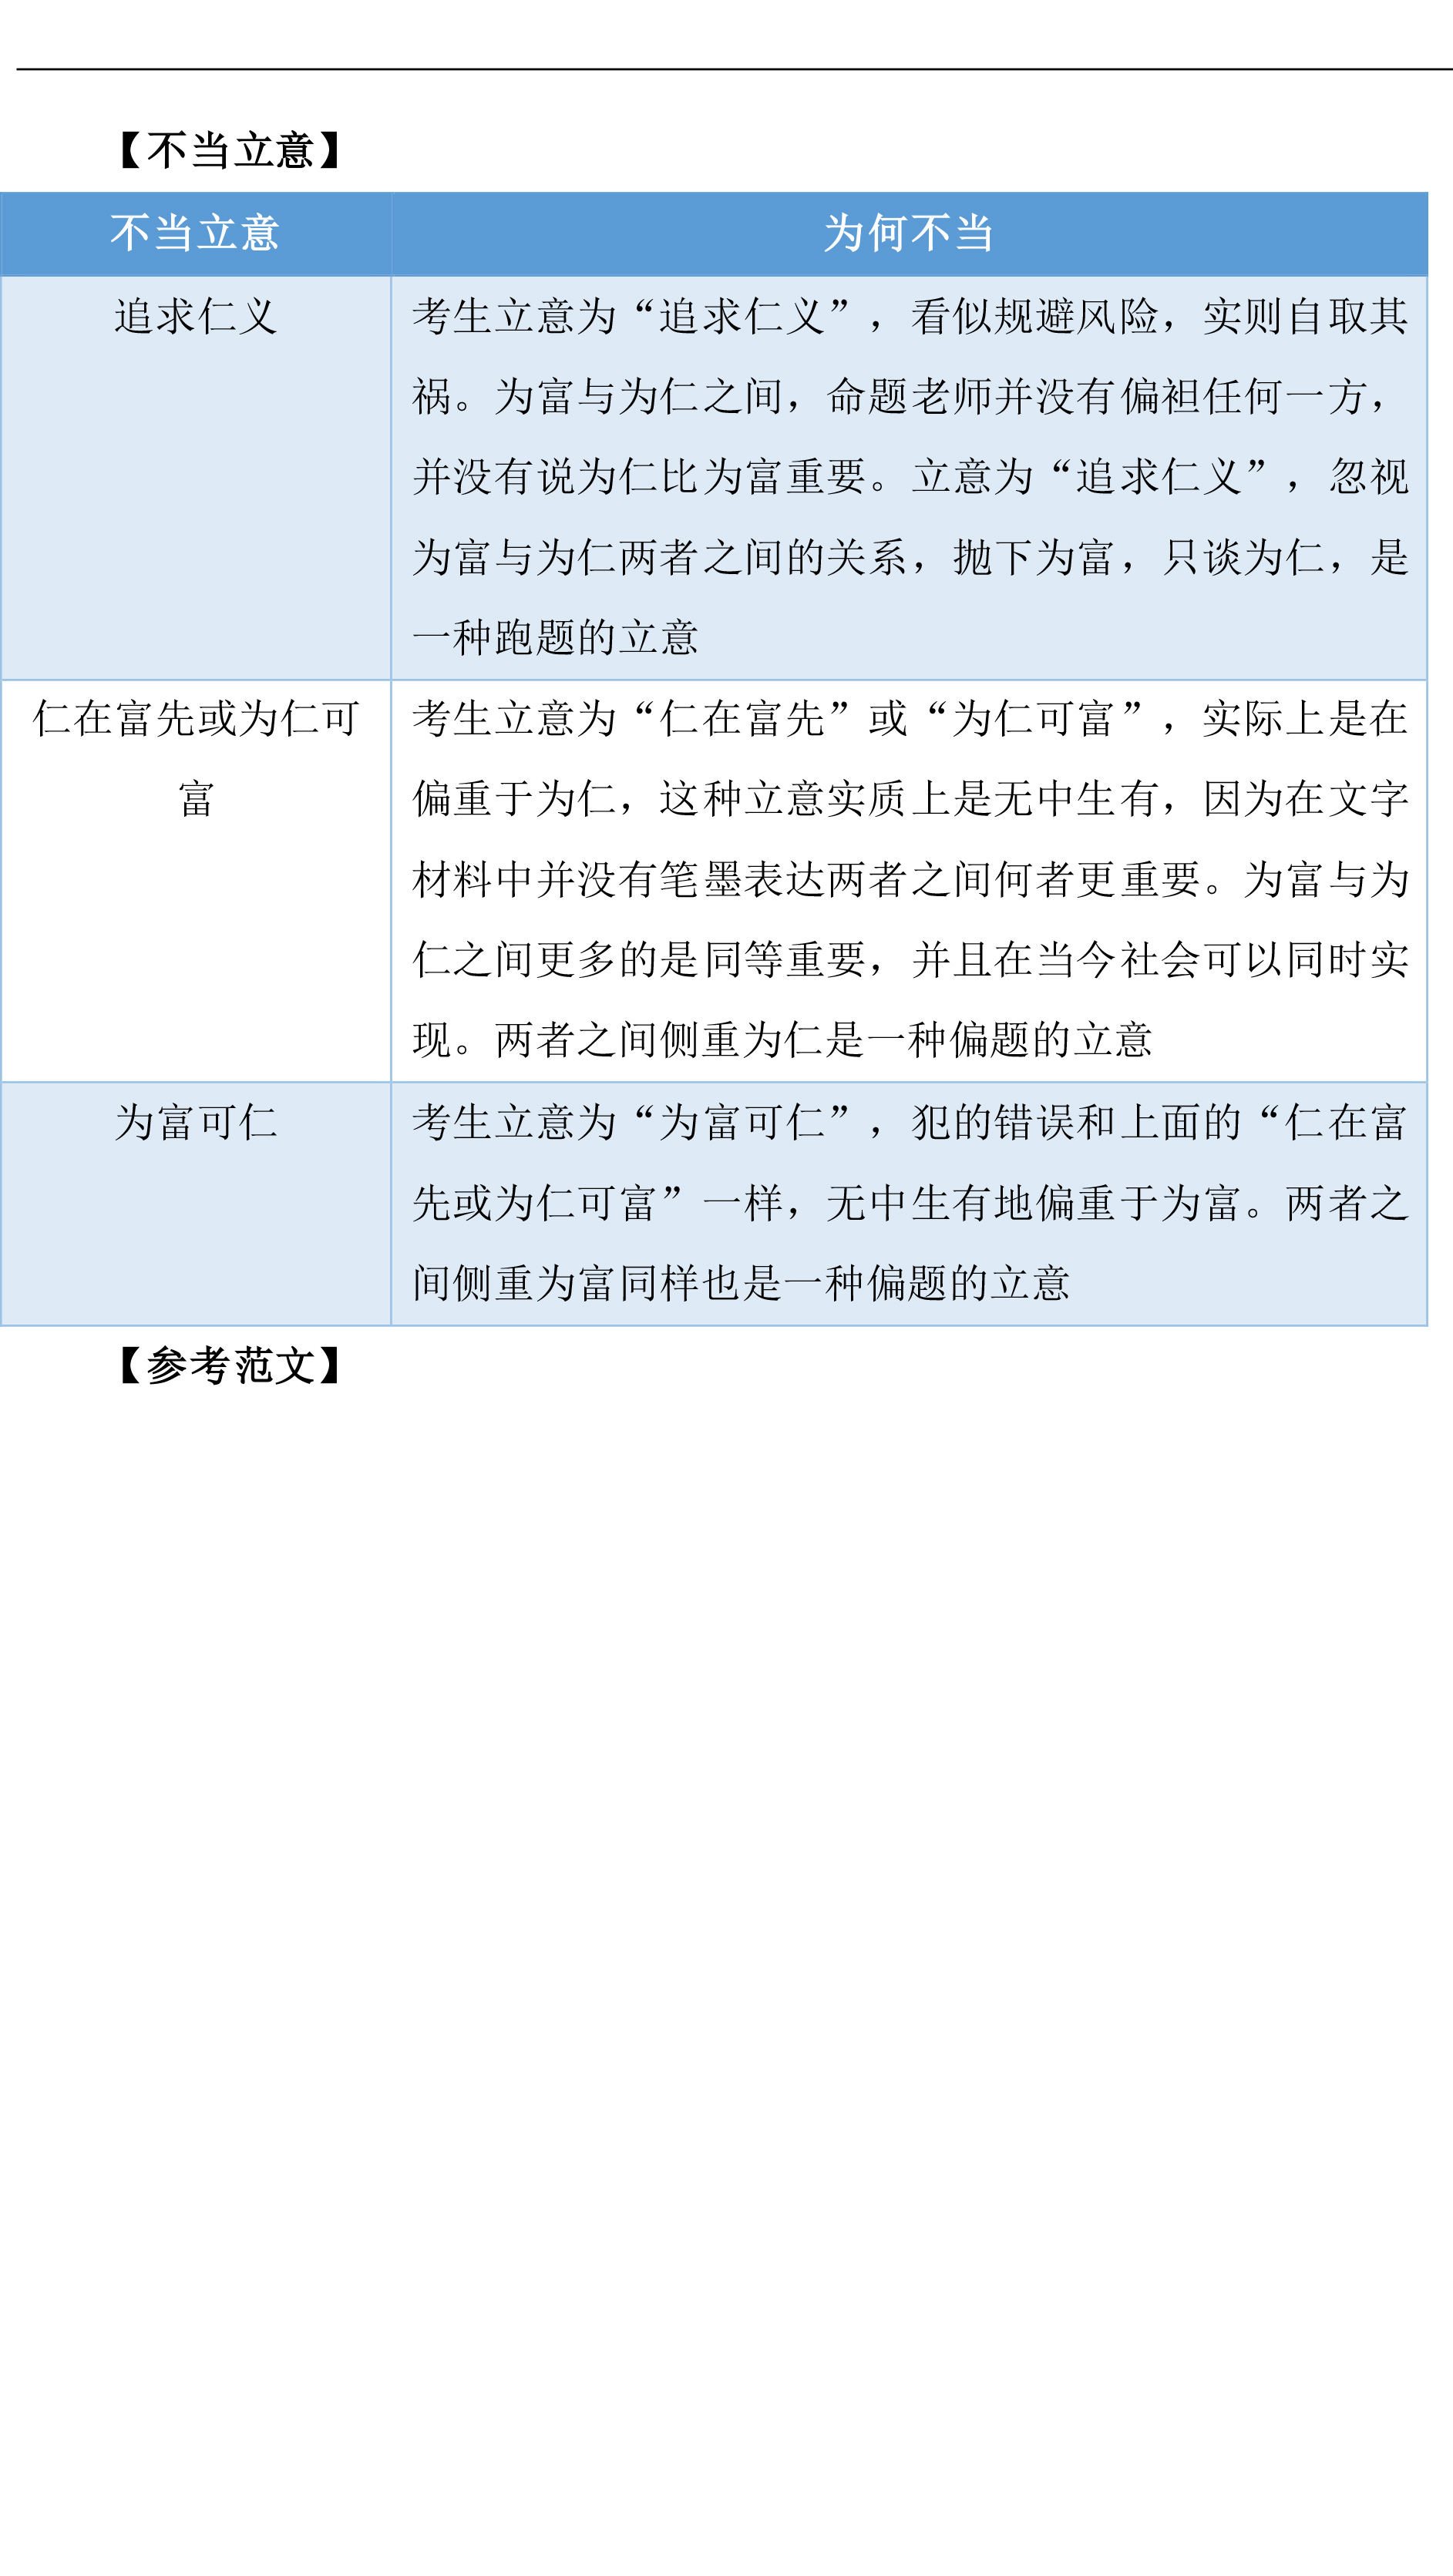 真题试卷集-综合-2014~2018-解析-37.jpg